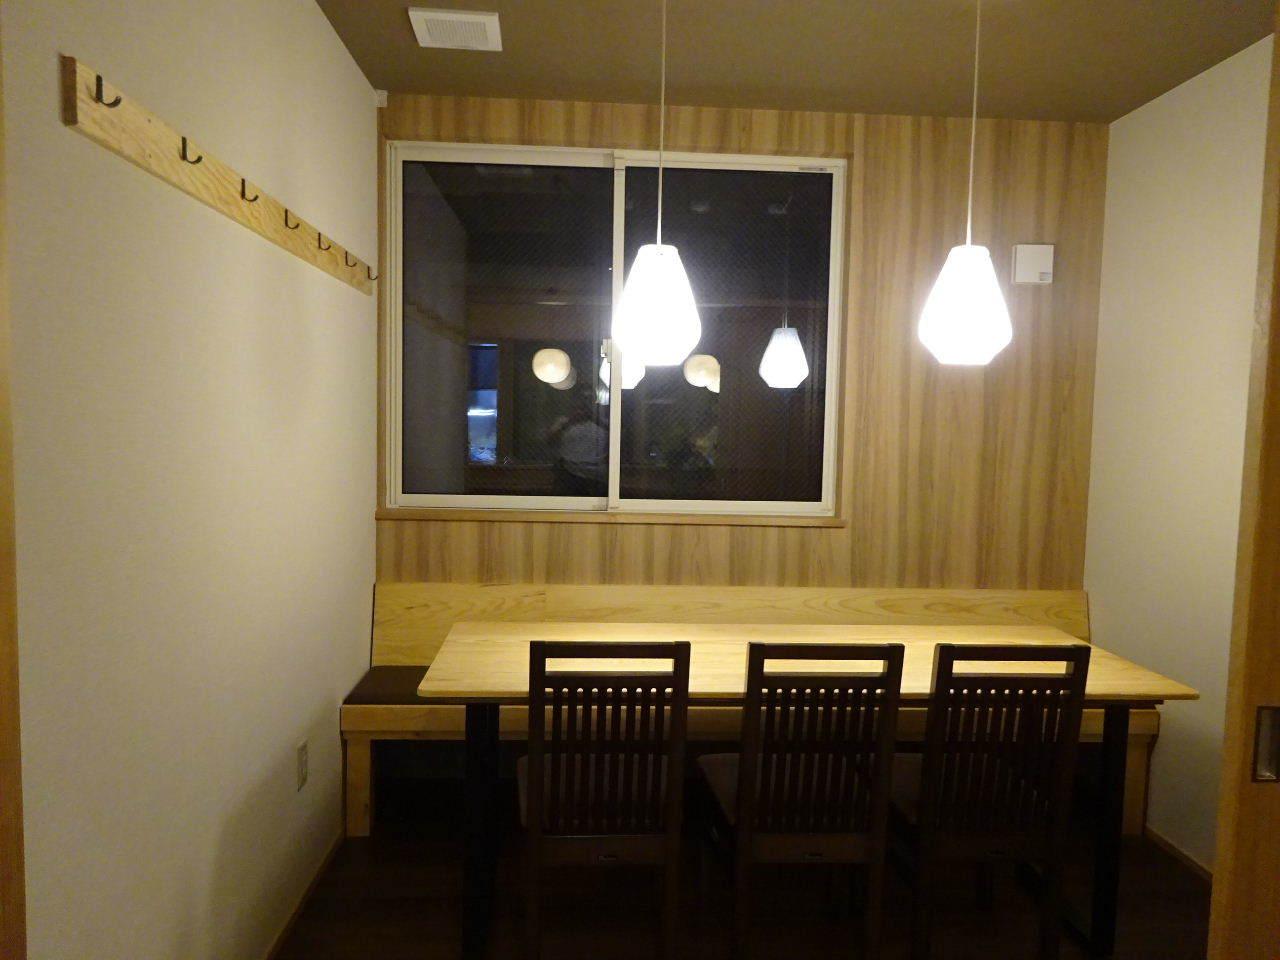 中央通り 居酒屋「茶の間」様 完成写真③_f0105112_04261738.jpg